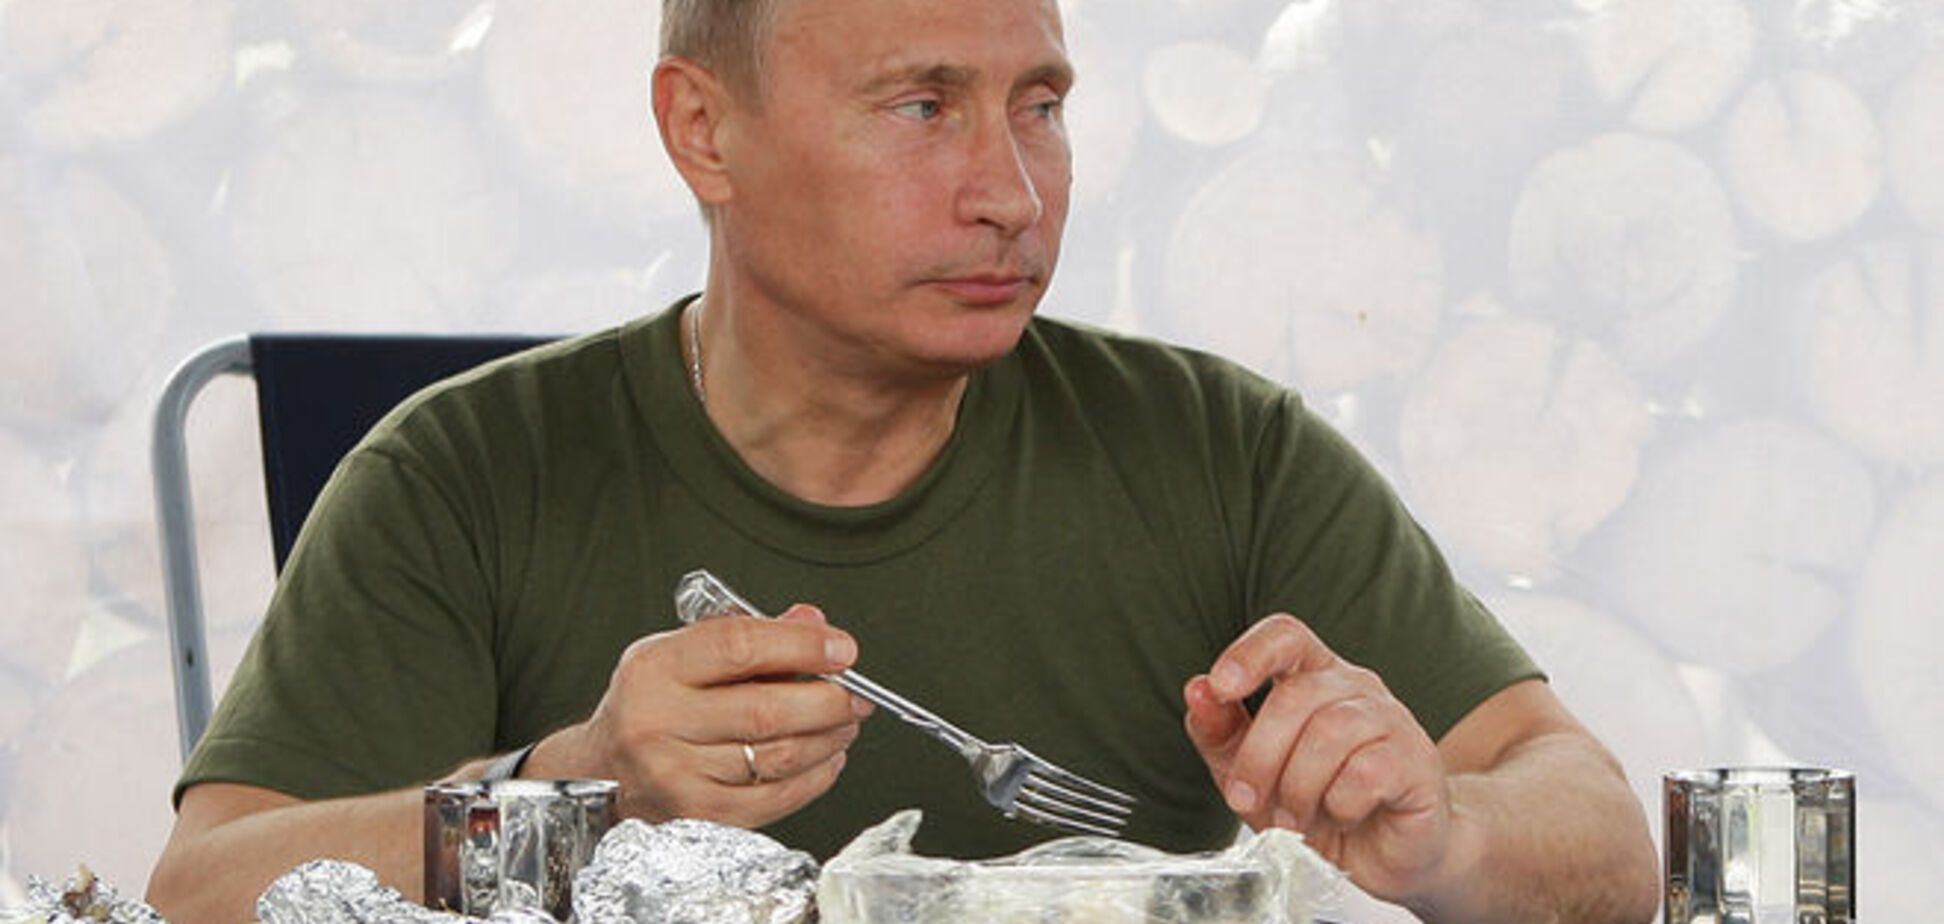 Съедят на таможне? Путин дал приказ уничтожать западные продукты питания